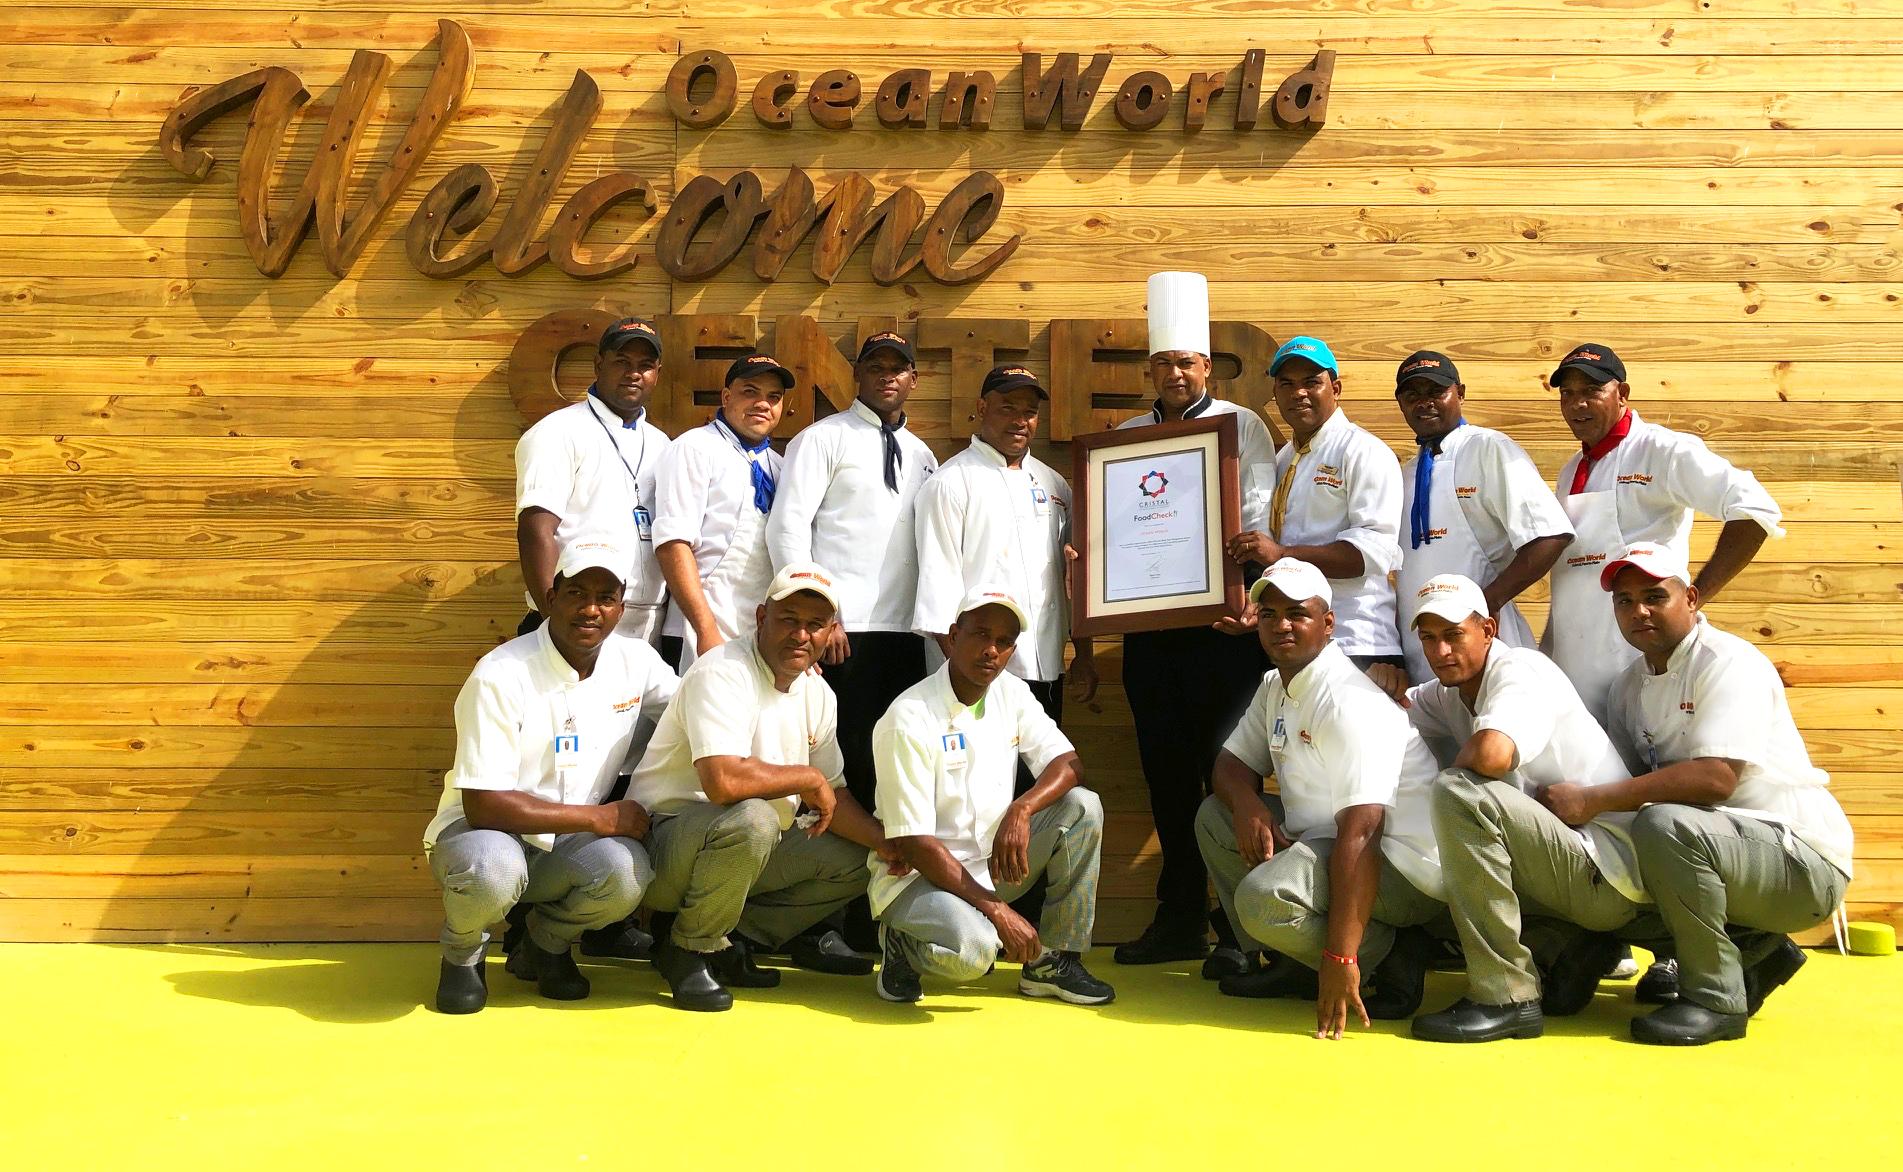 Cristal International Standards reconoce a Ocean World por sus buenas prácticas en el manejo de alimentos